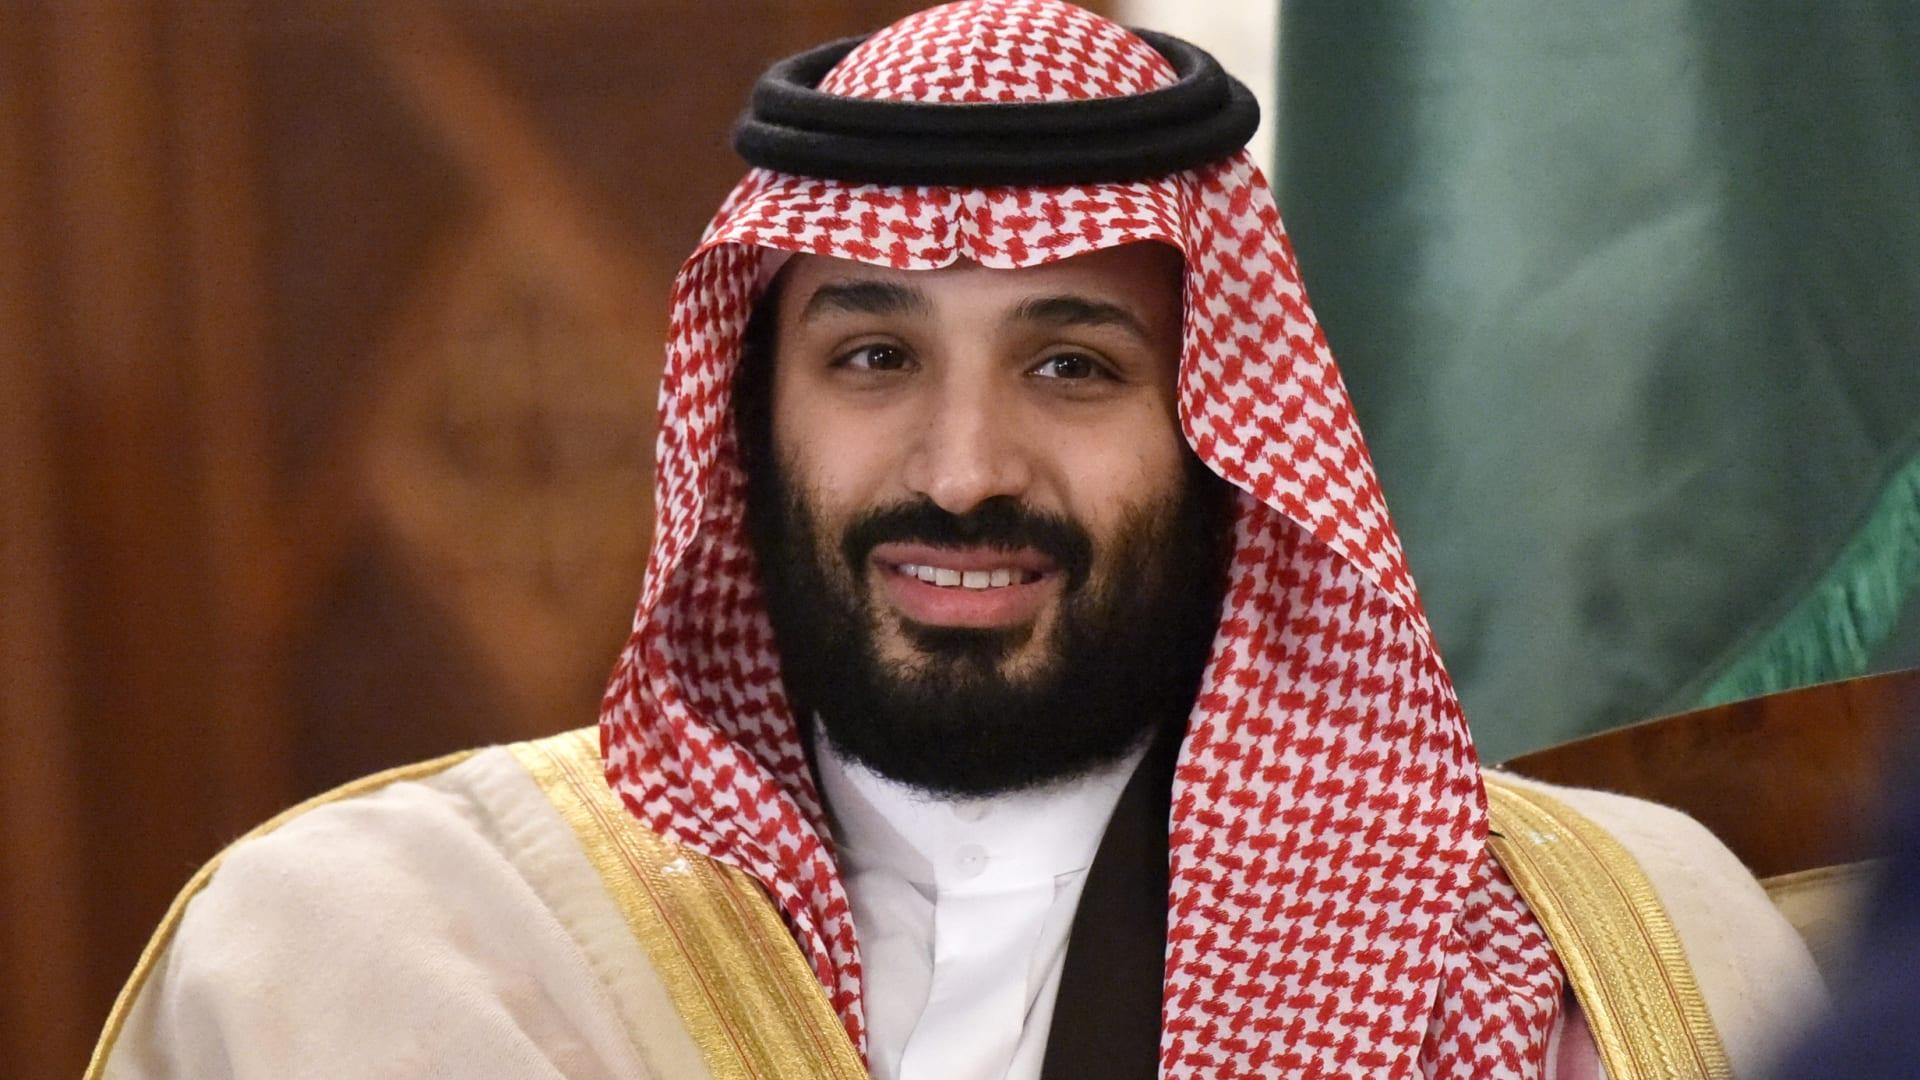 ولي العهد السعودي يستقبل رئيس وزراء اليونان.. فماذا دار بينهما؟